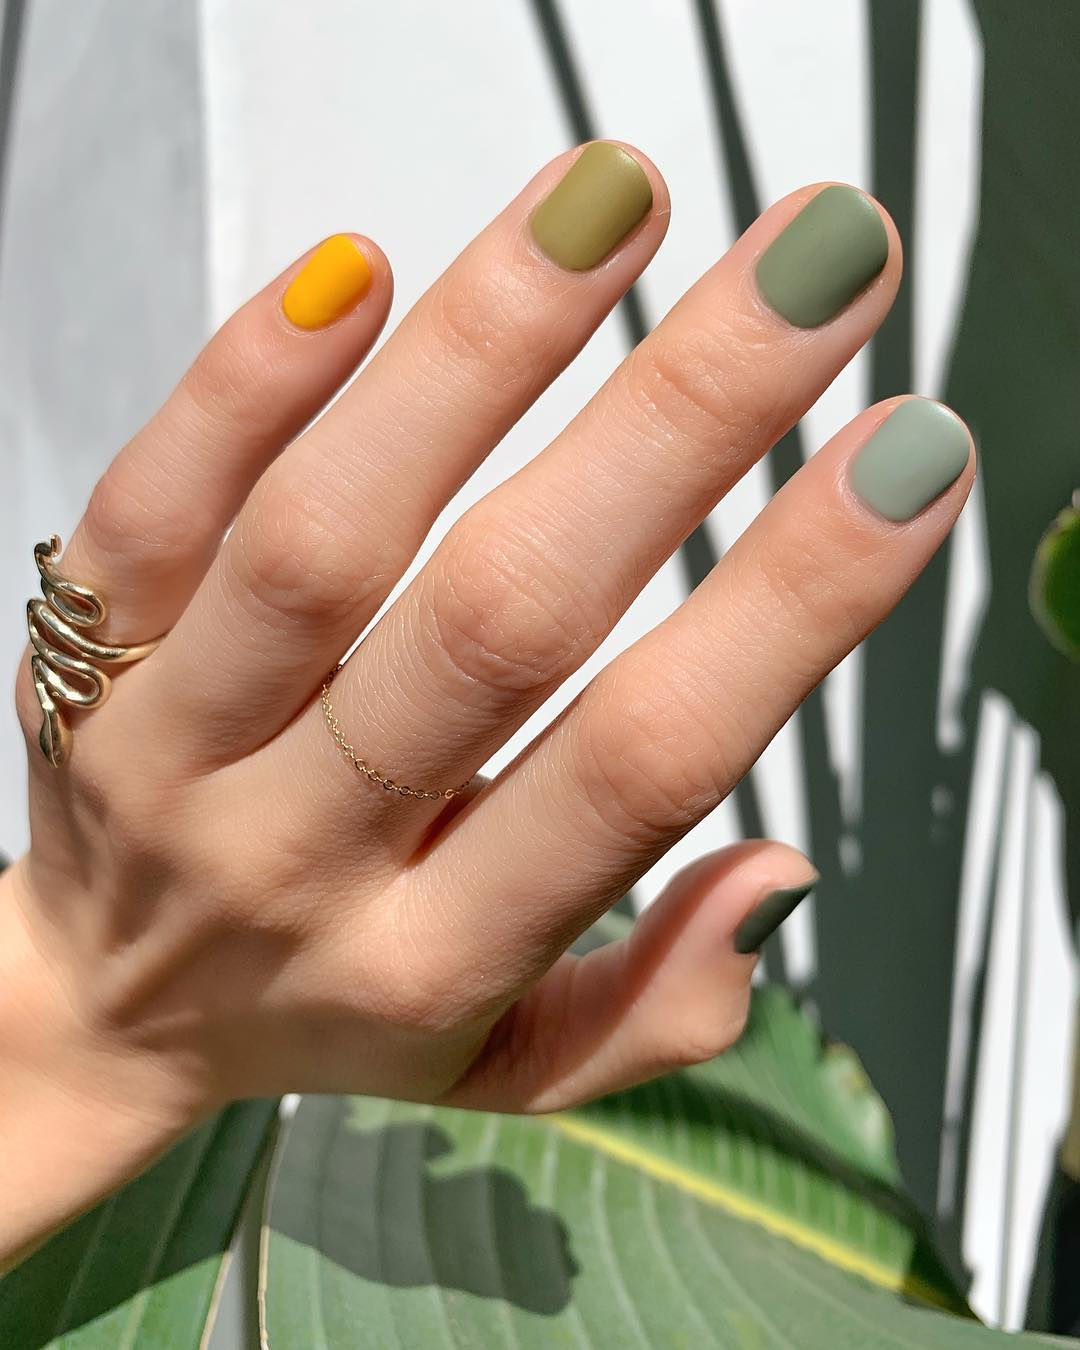 Jedna zanimljiva manikura istaknula se kao mini trend za proljetnu sezonu